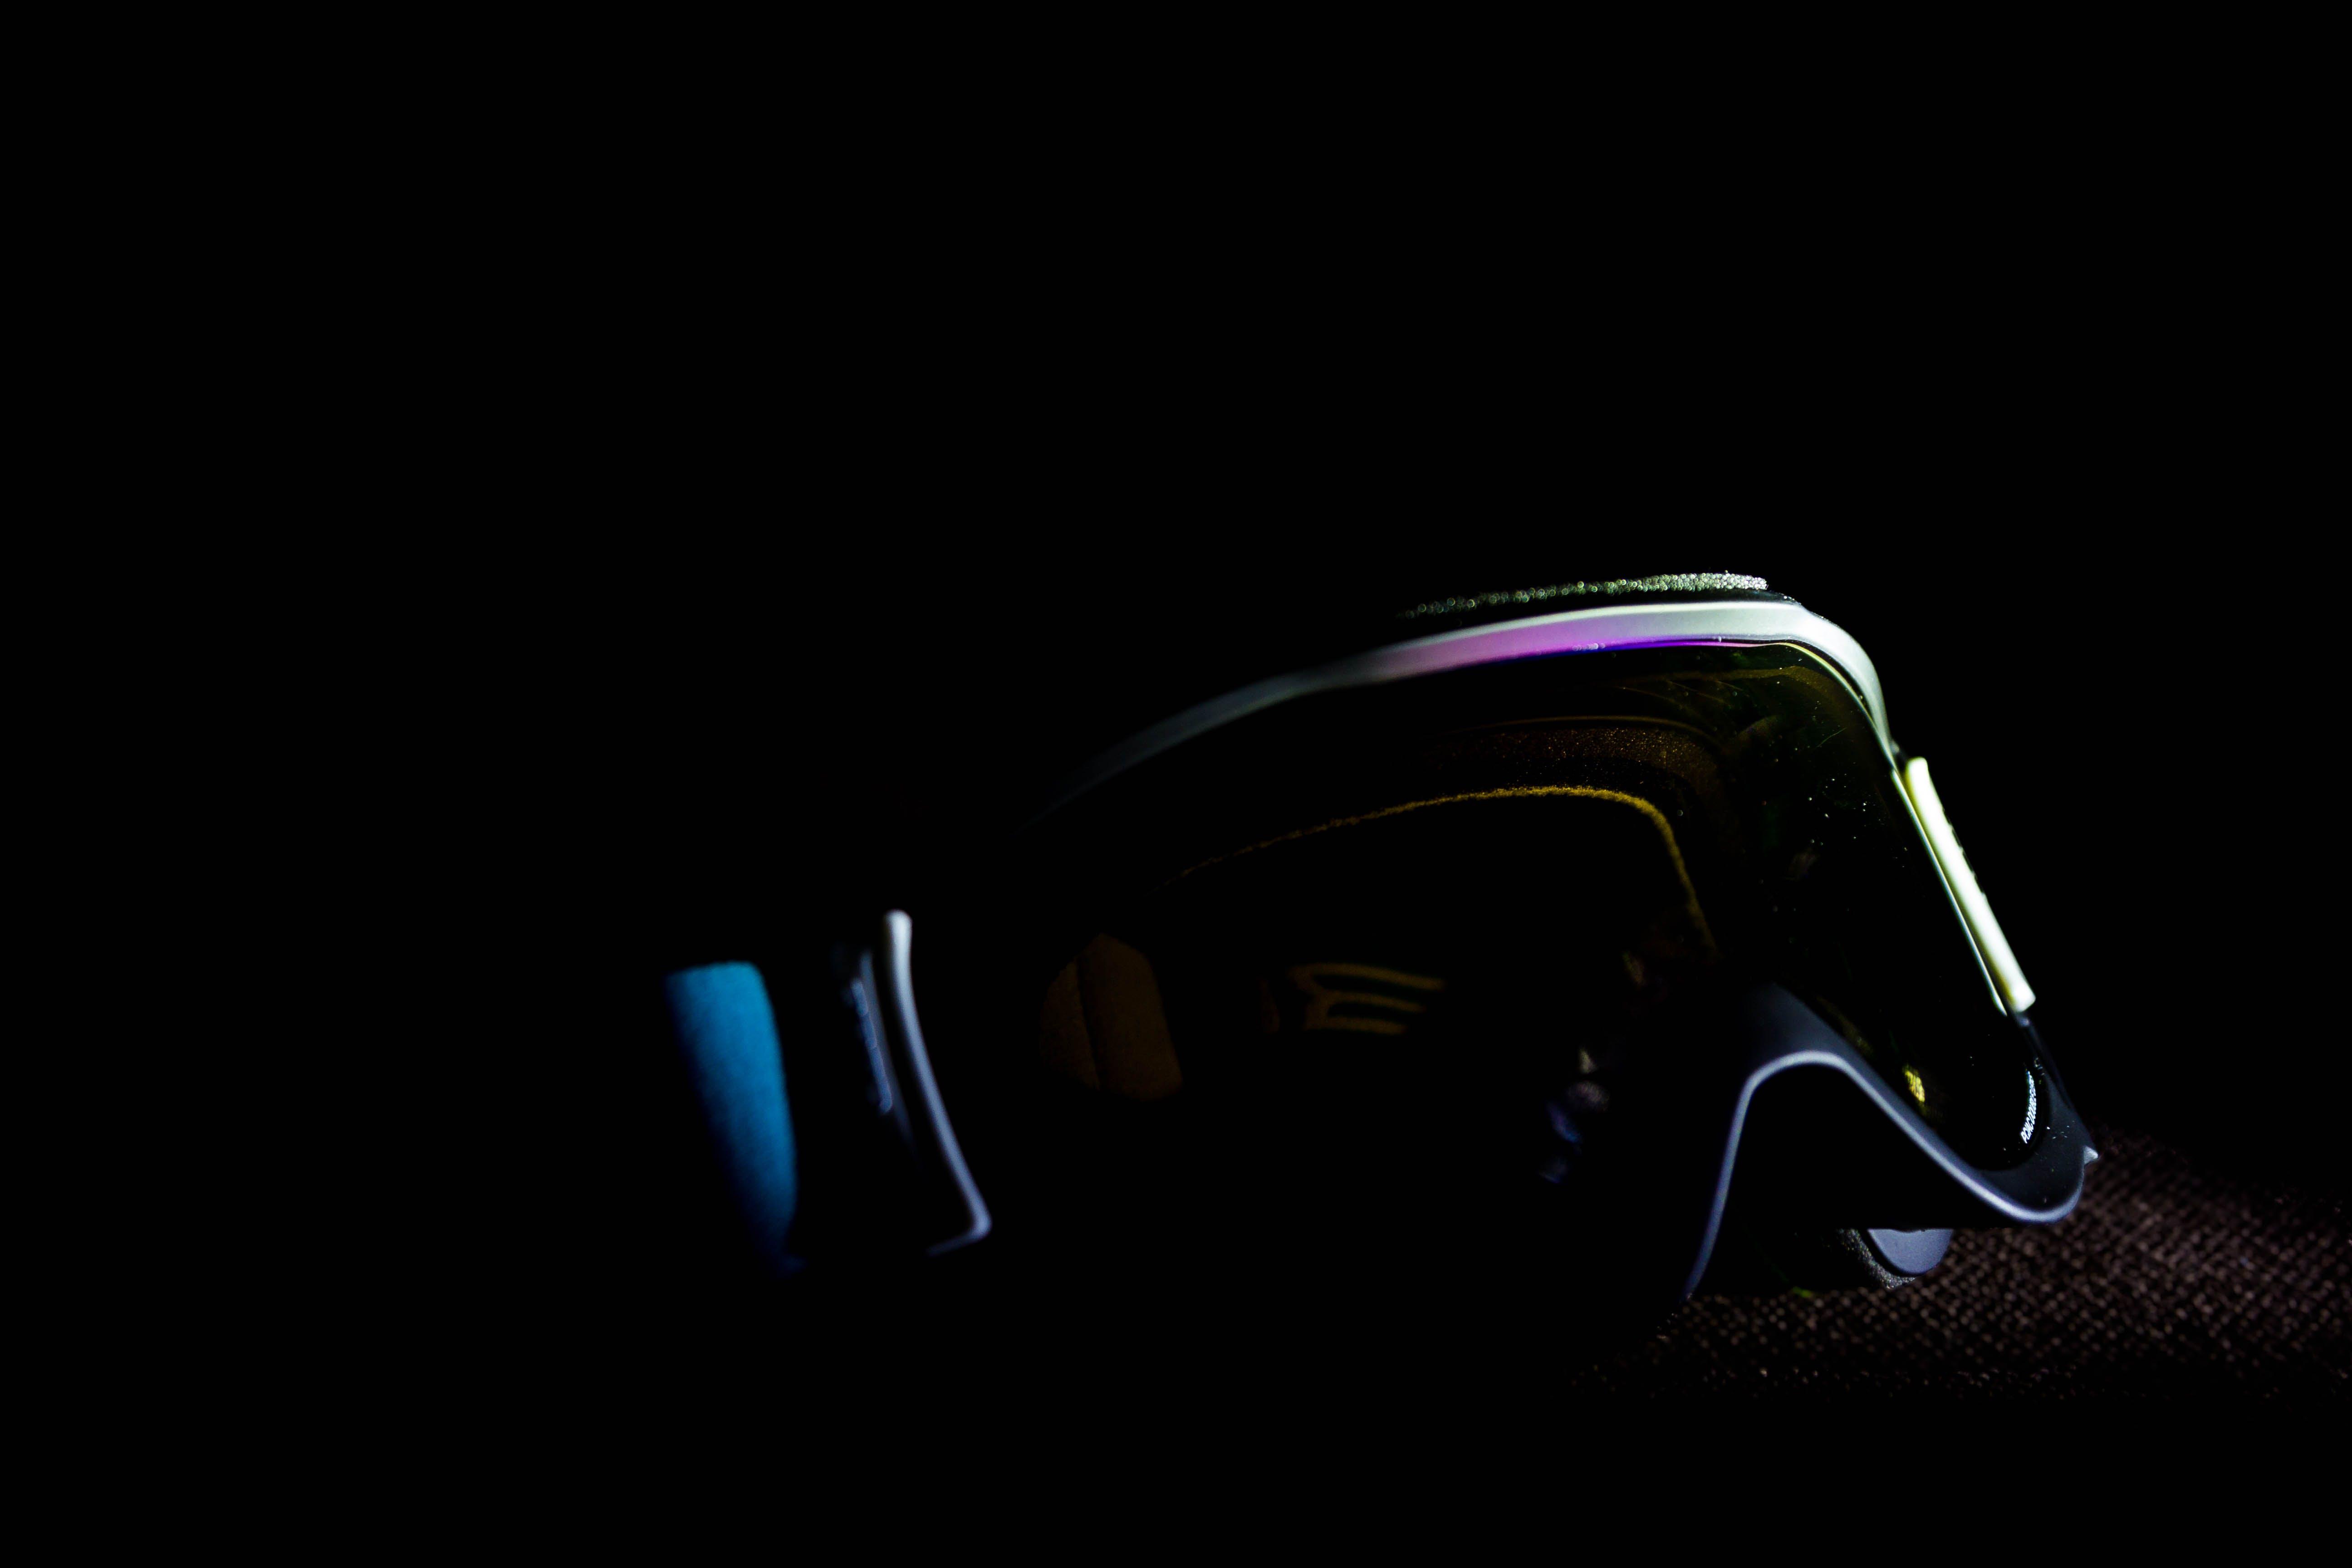 Free stock photo of light, night, mask, dramatic